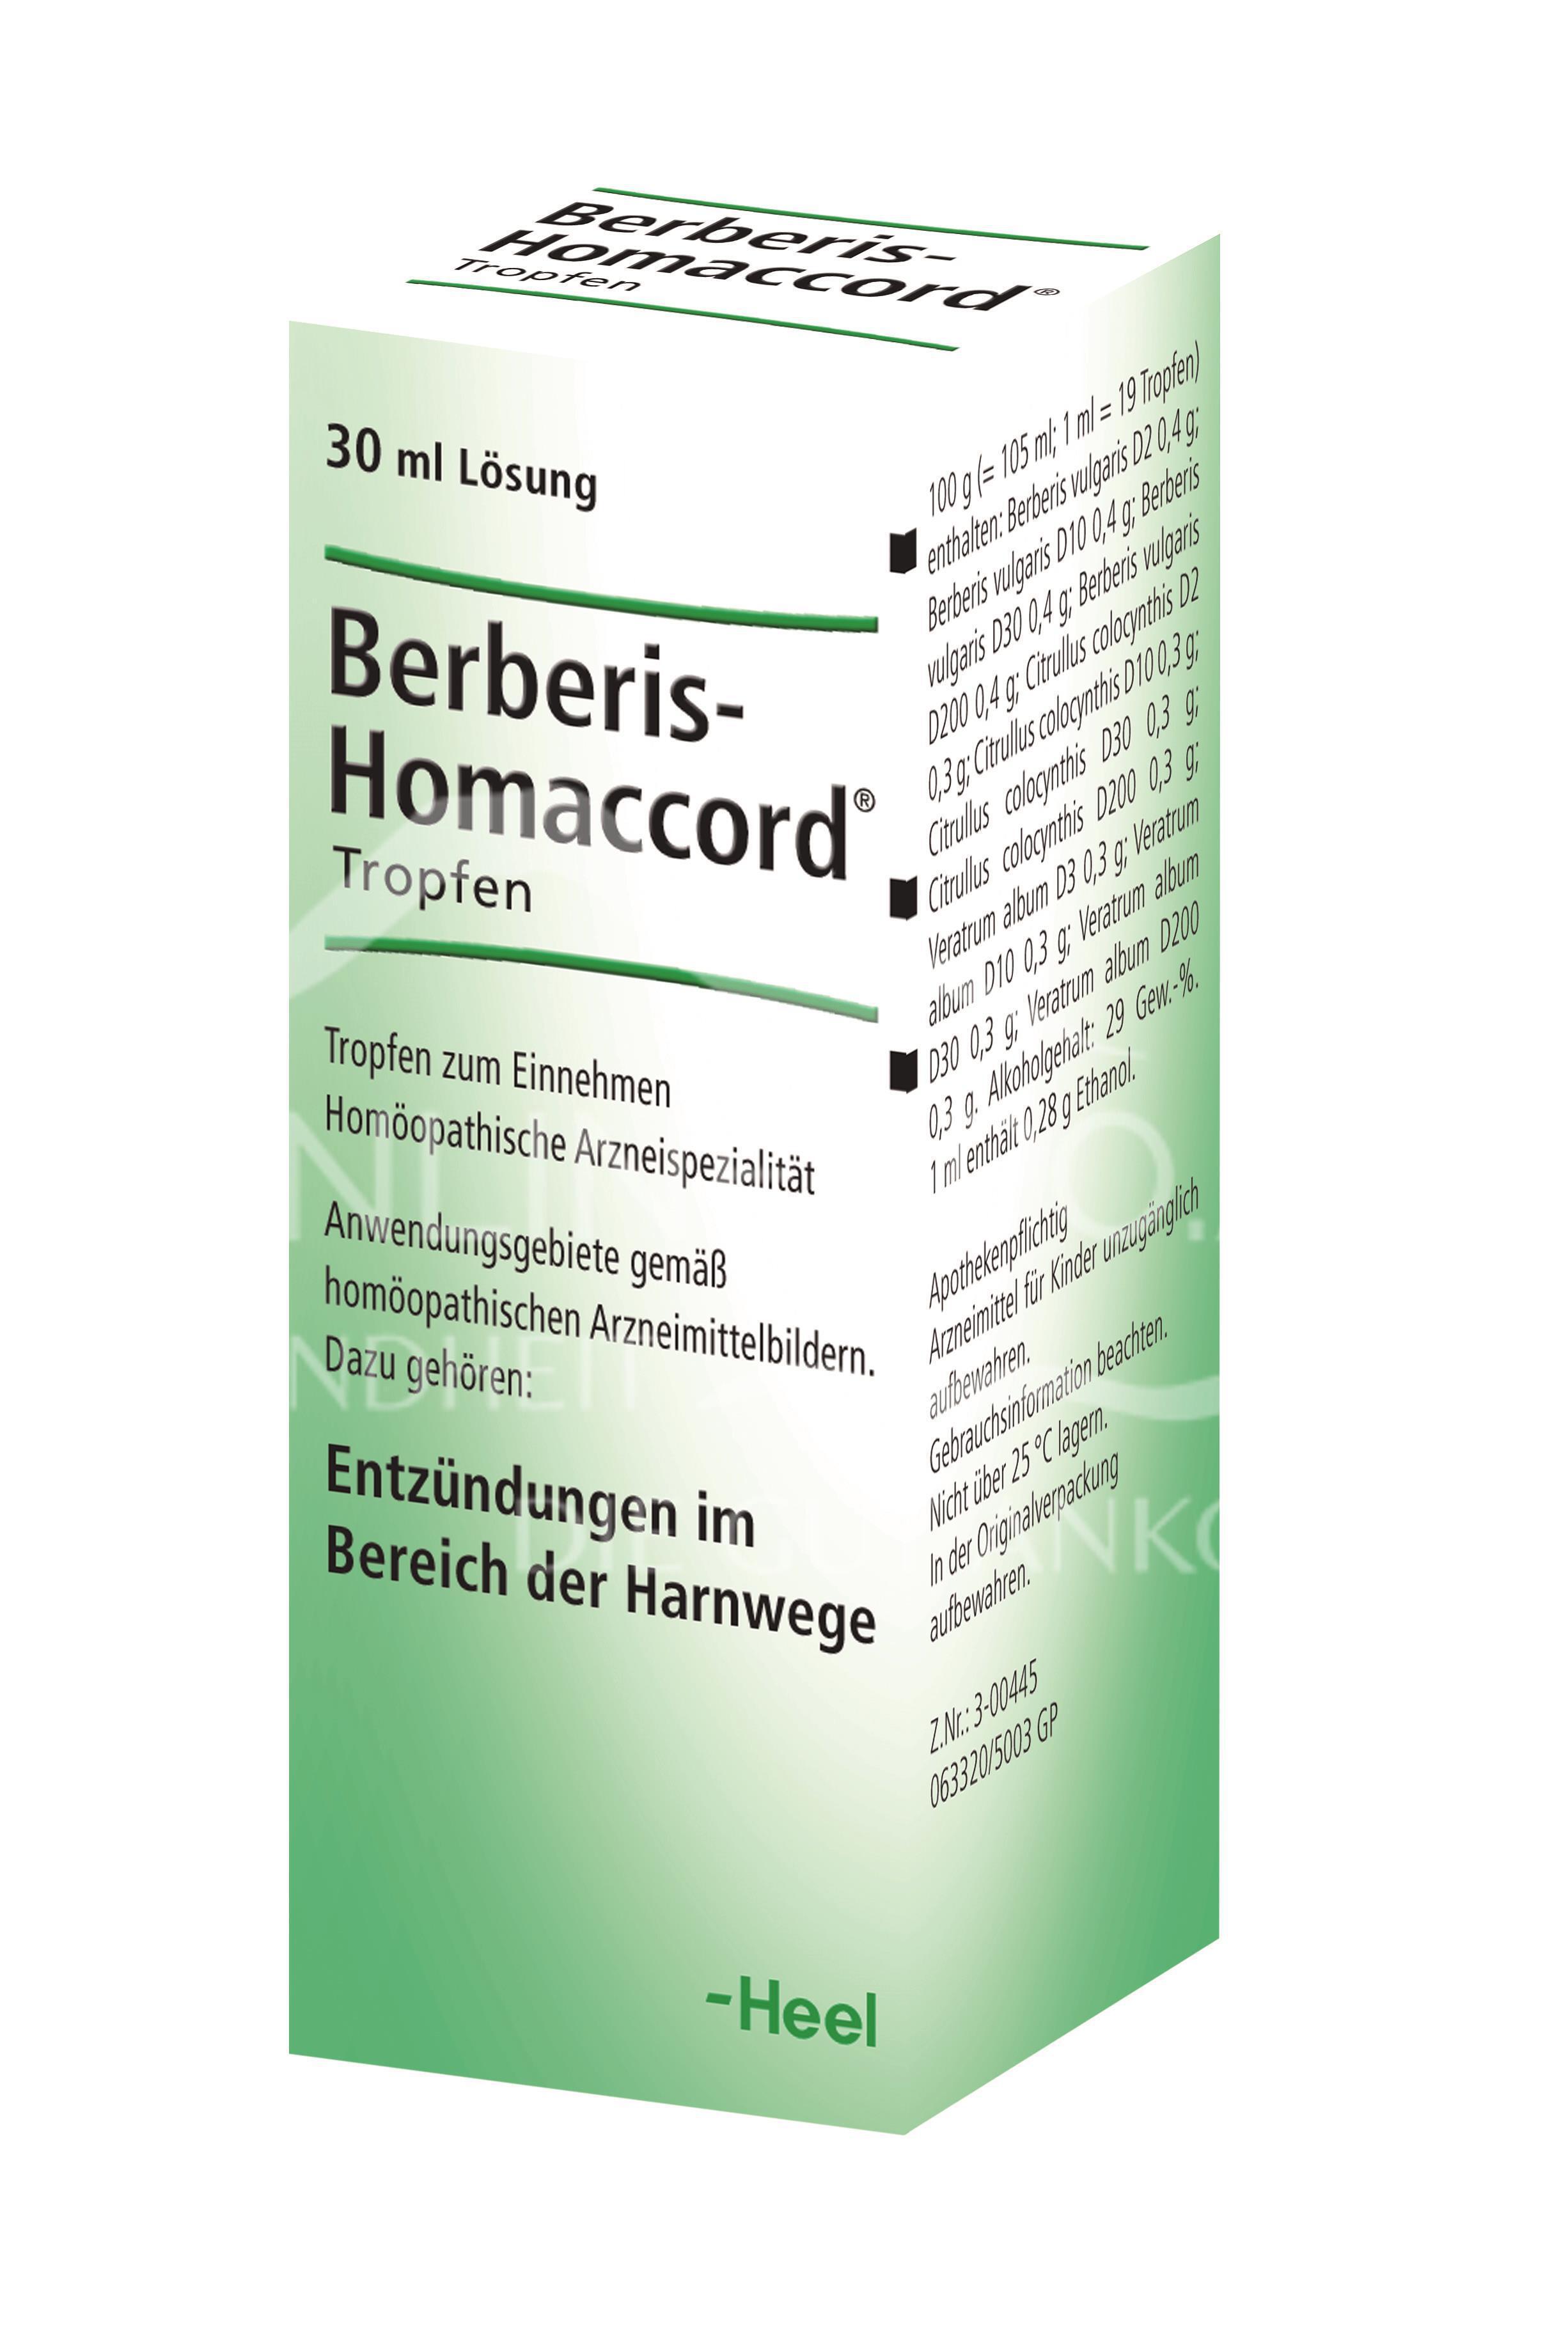 Berberis-Homaccord®